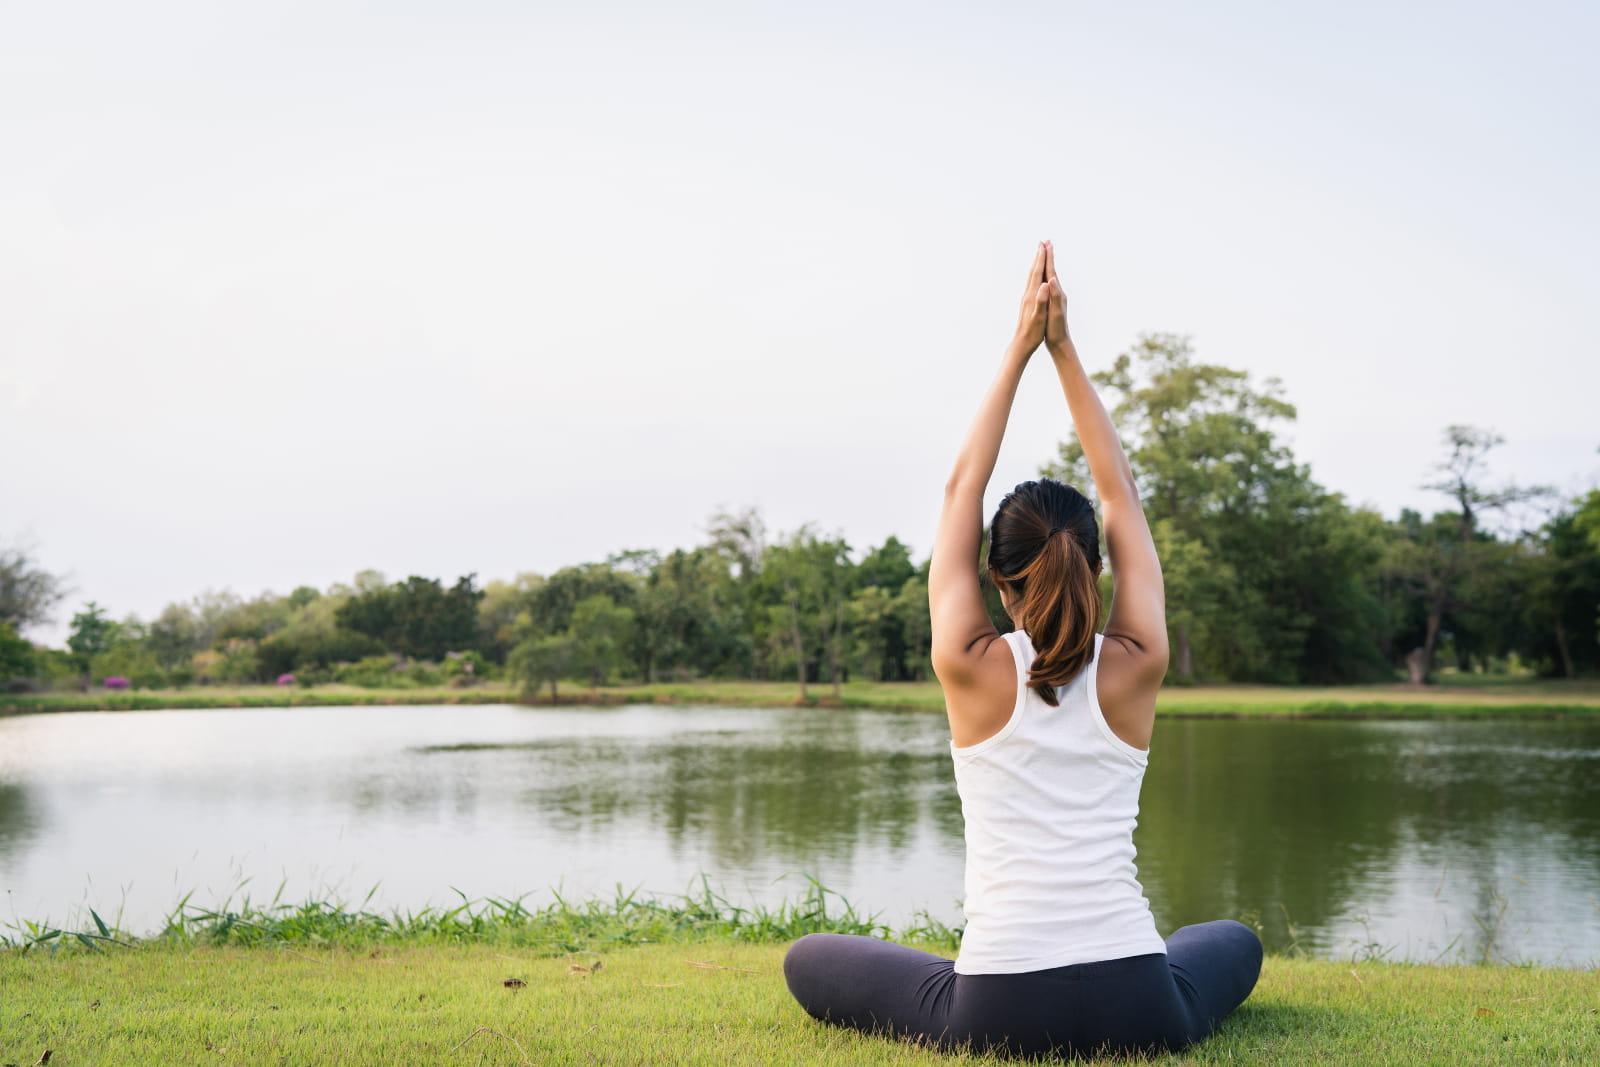 Parques em Barueri: Mulher praticando Yoga no parque